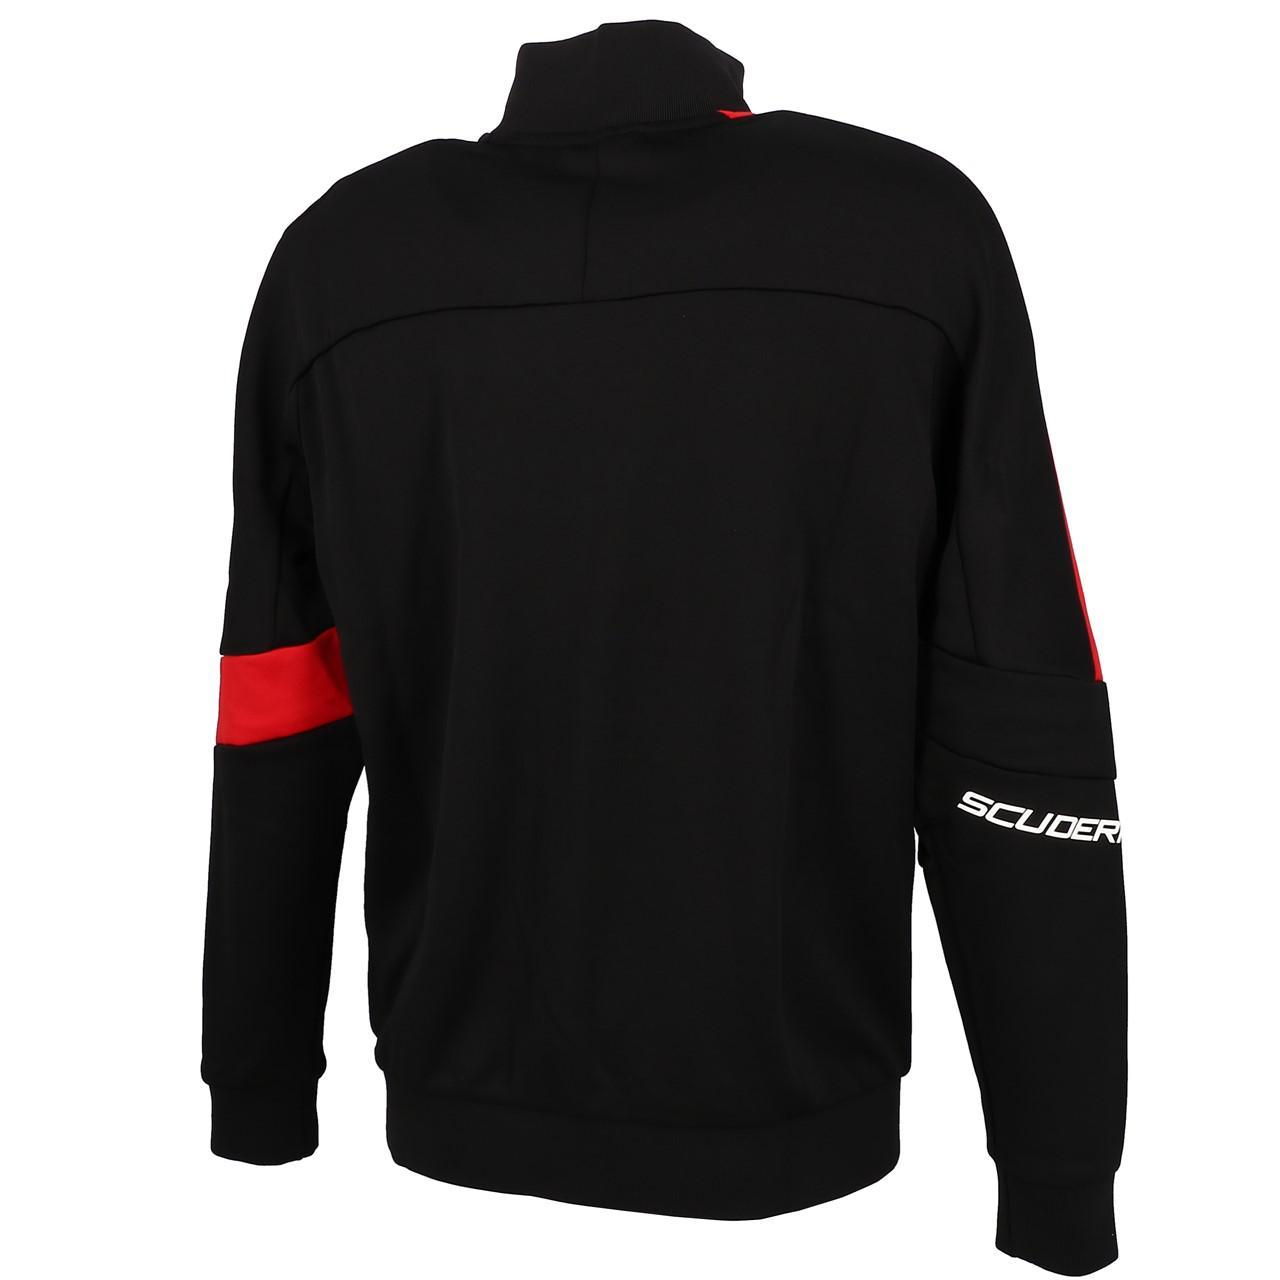 Sweatshirts-Jacken-mit-Reissverschluss-Puma-Sf-t7-Track-Schwarz-19723-Neu Indexbild 5